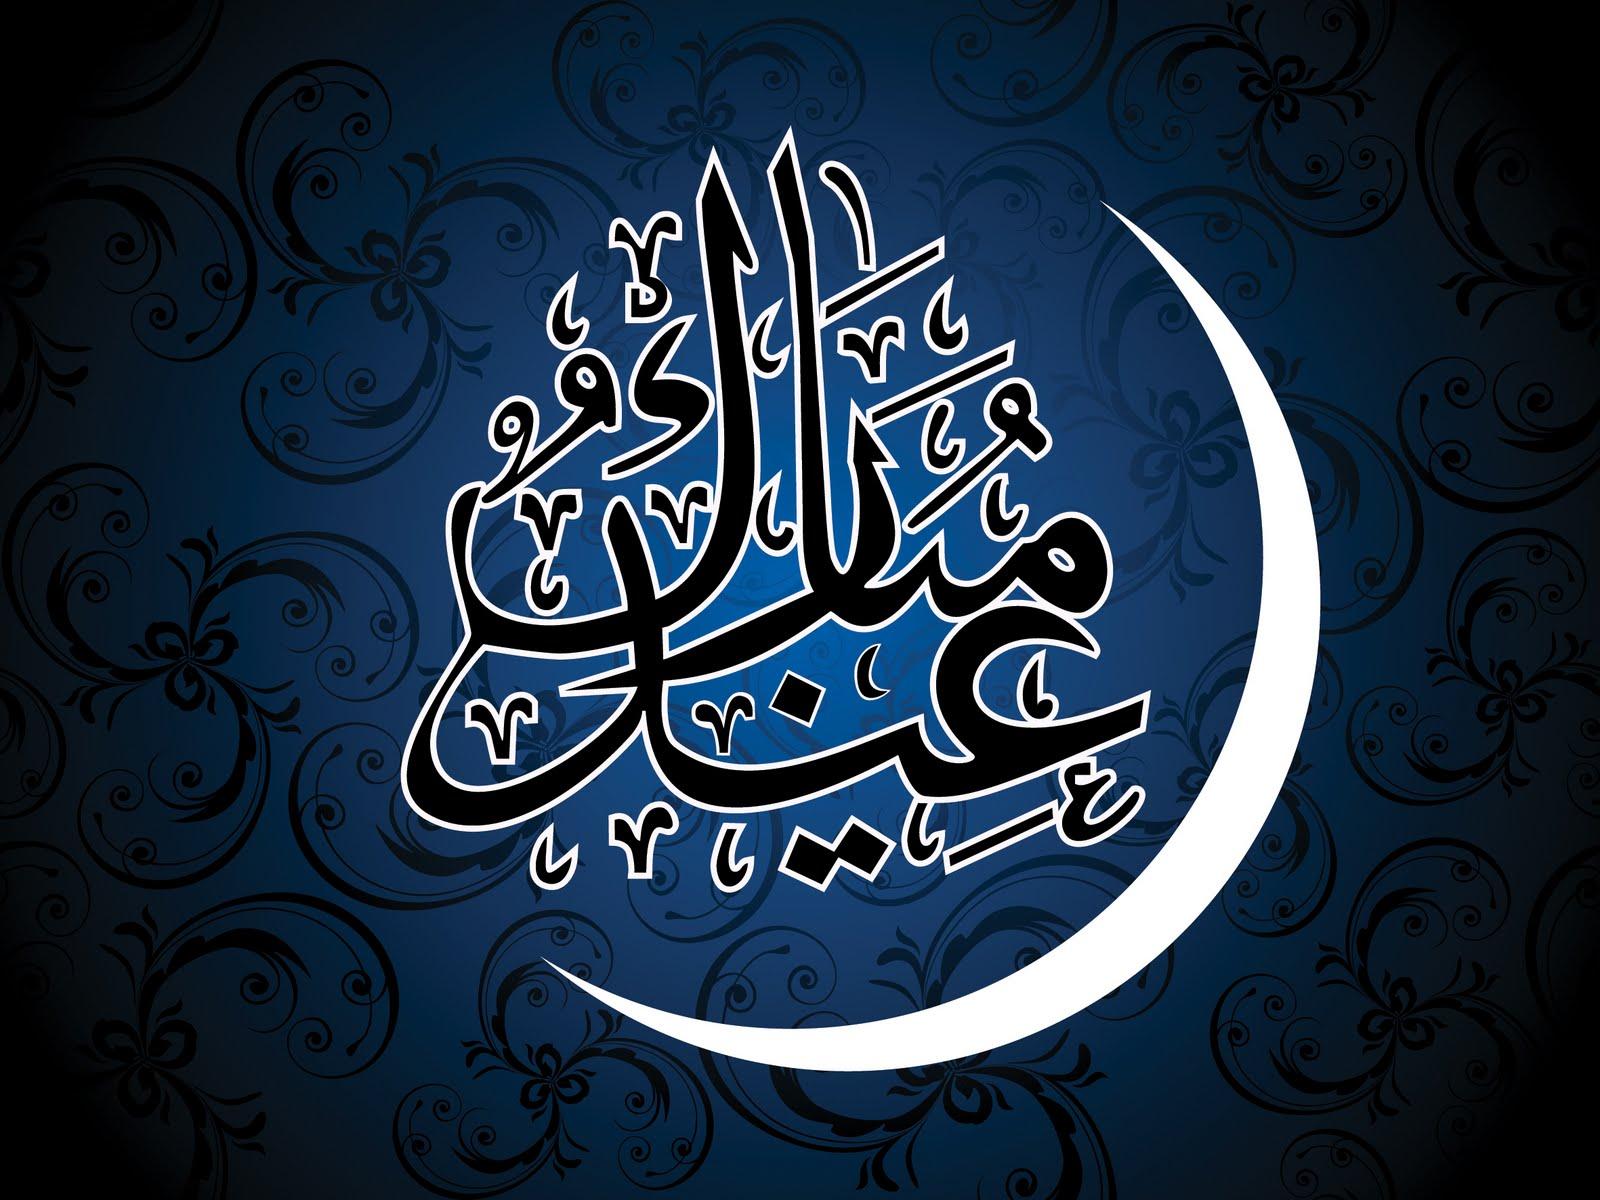 http://4.bp.blogspot.com/-q-wH4SAWmuA/Tlug0uwM3WI/AAAAAAAACN0/eKeOr-FaR9M/s1600/Eid+al+Fitr+Kareem.jpg